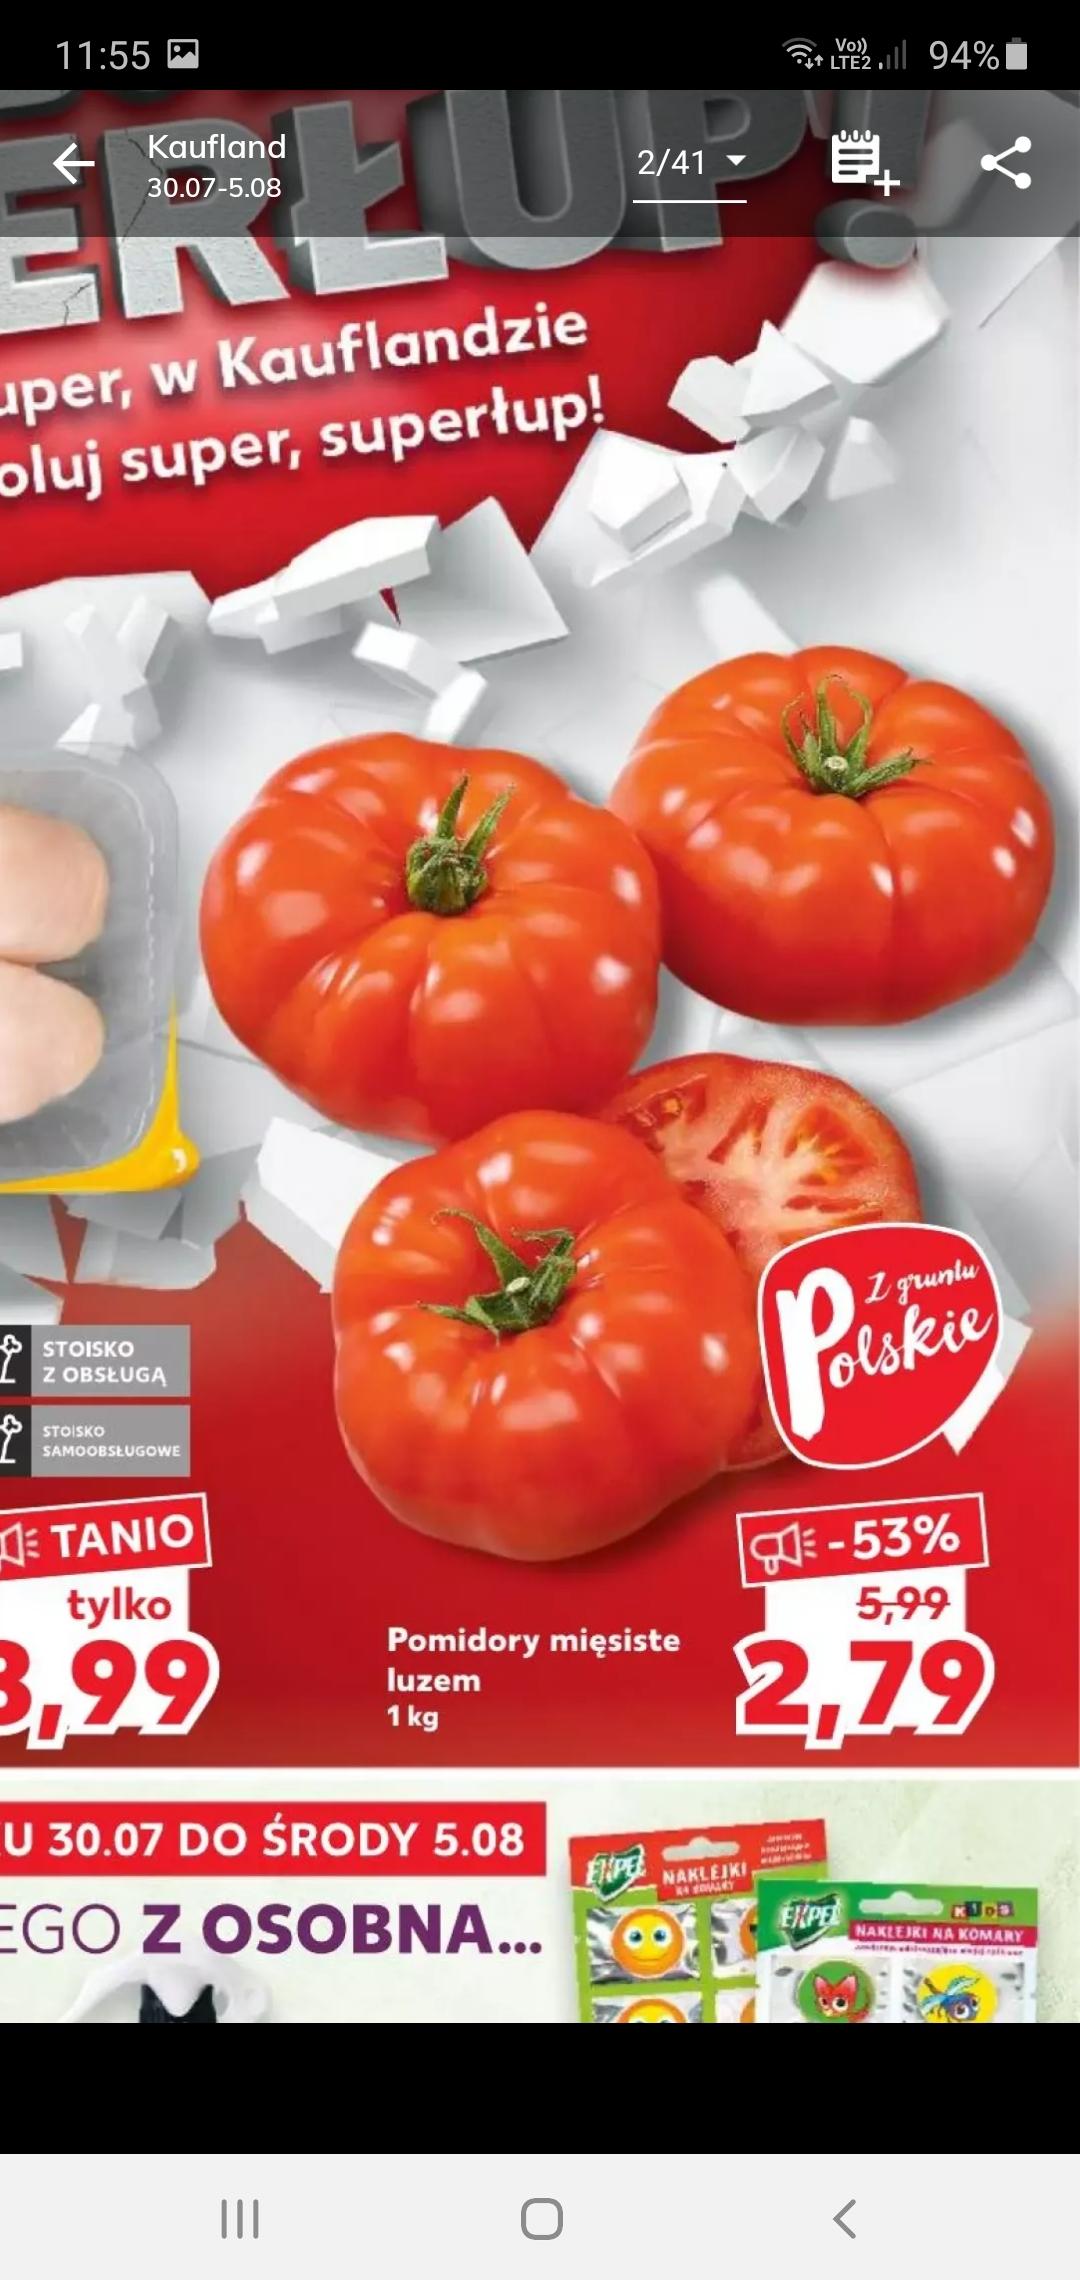 Pomidor mięsisty cena 2,79kg tylko w sobote